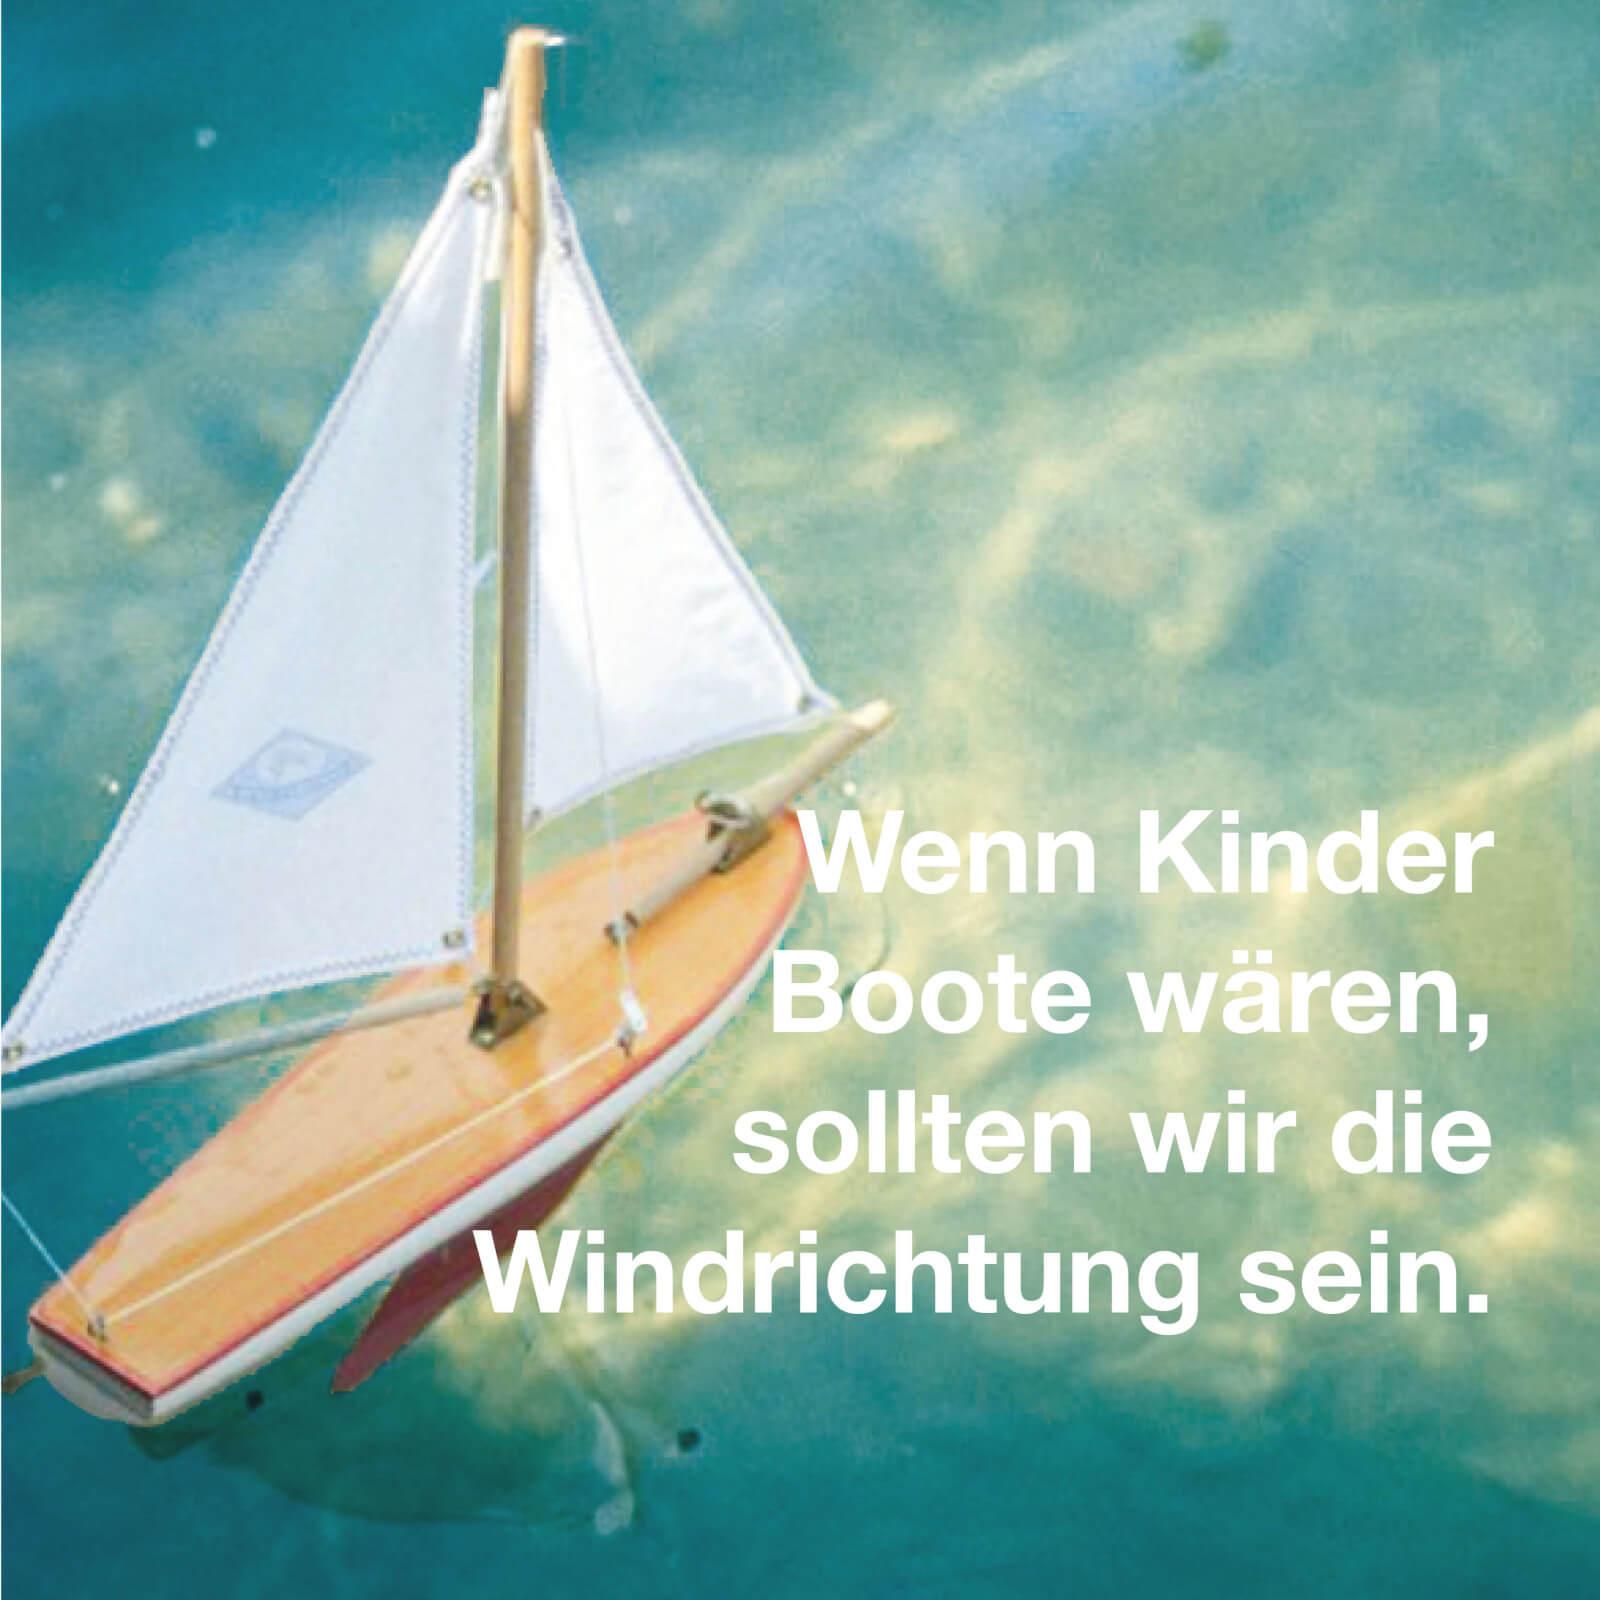 Wenn Kinder Boote wären, dann sollten wir die Windrichtung sein